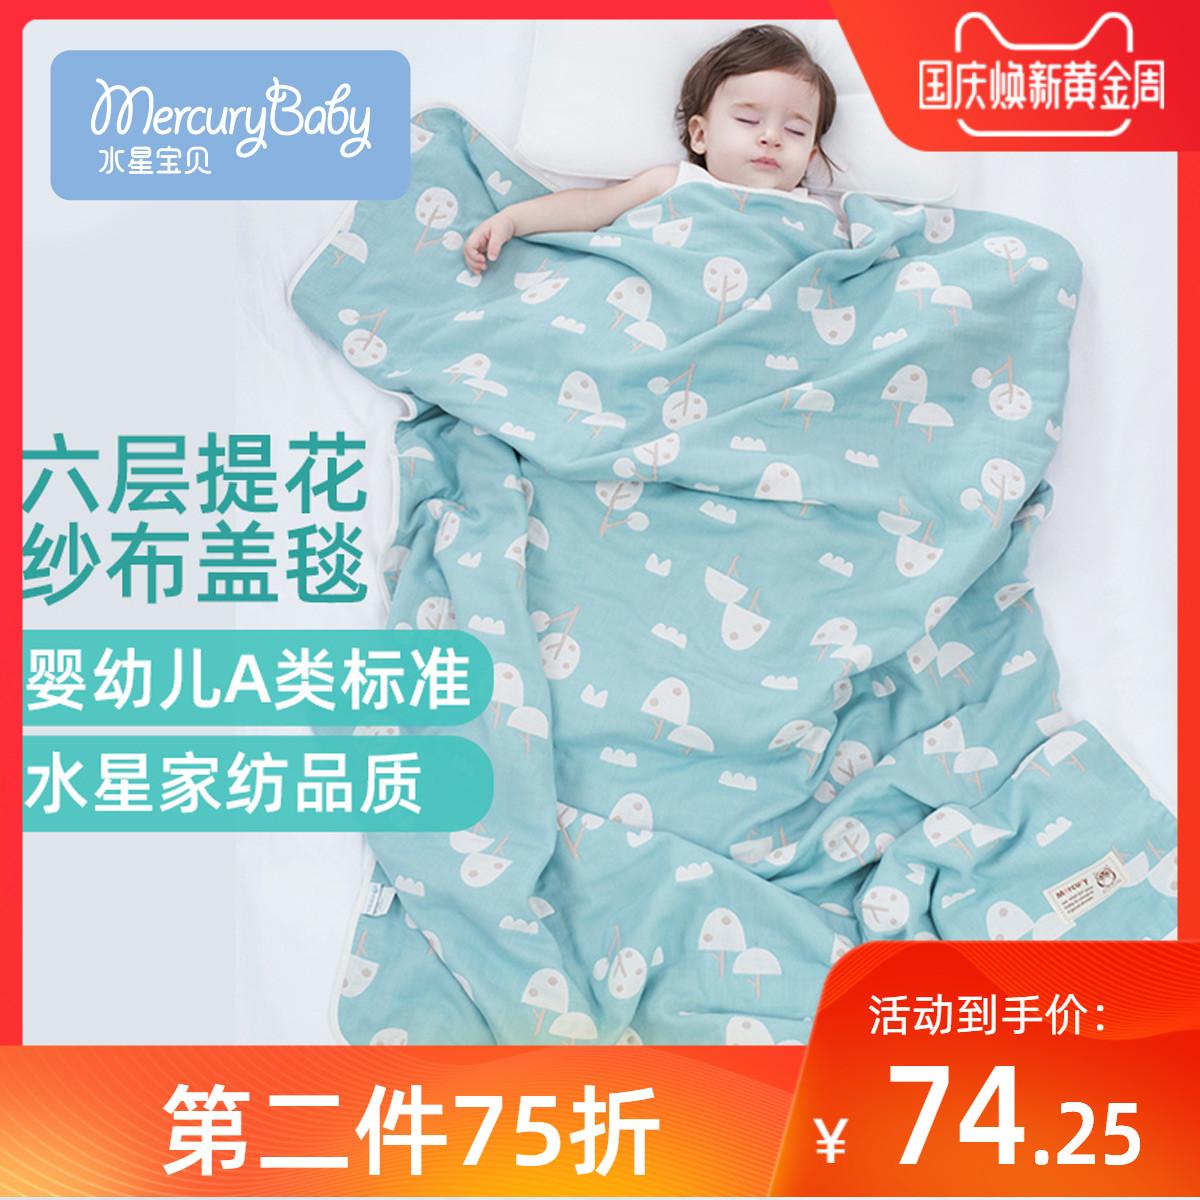 12-01新券水星婴儿盖毯宝宝小毯子夏季纱布空调被薄款小被子新生儿童夏凉被